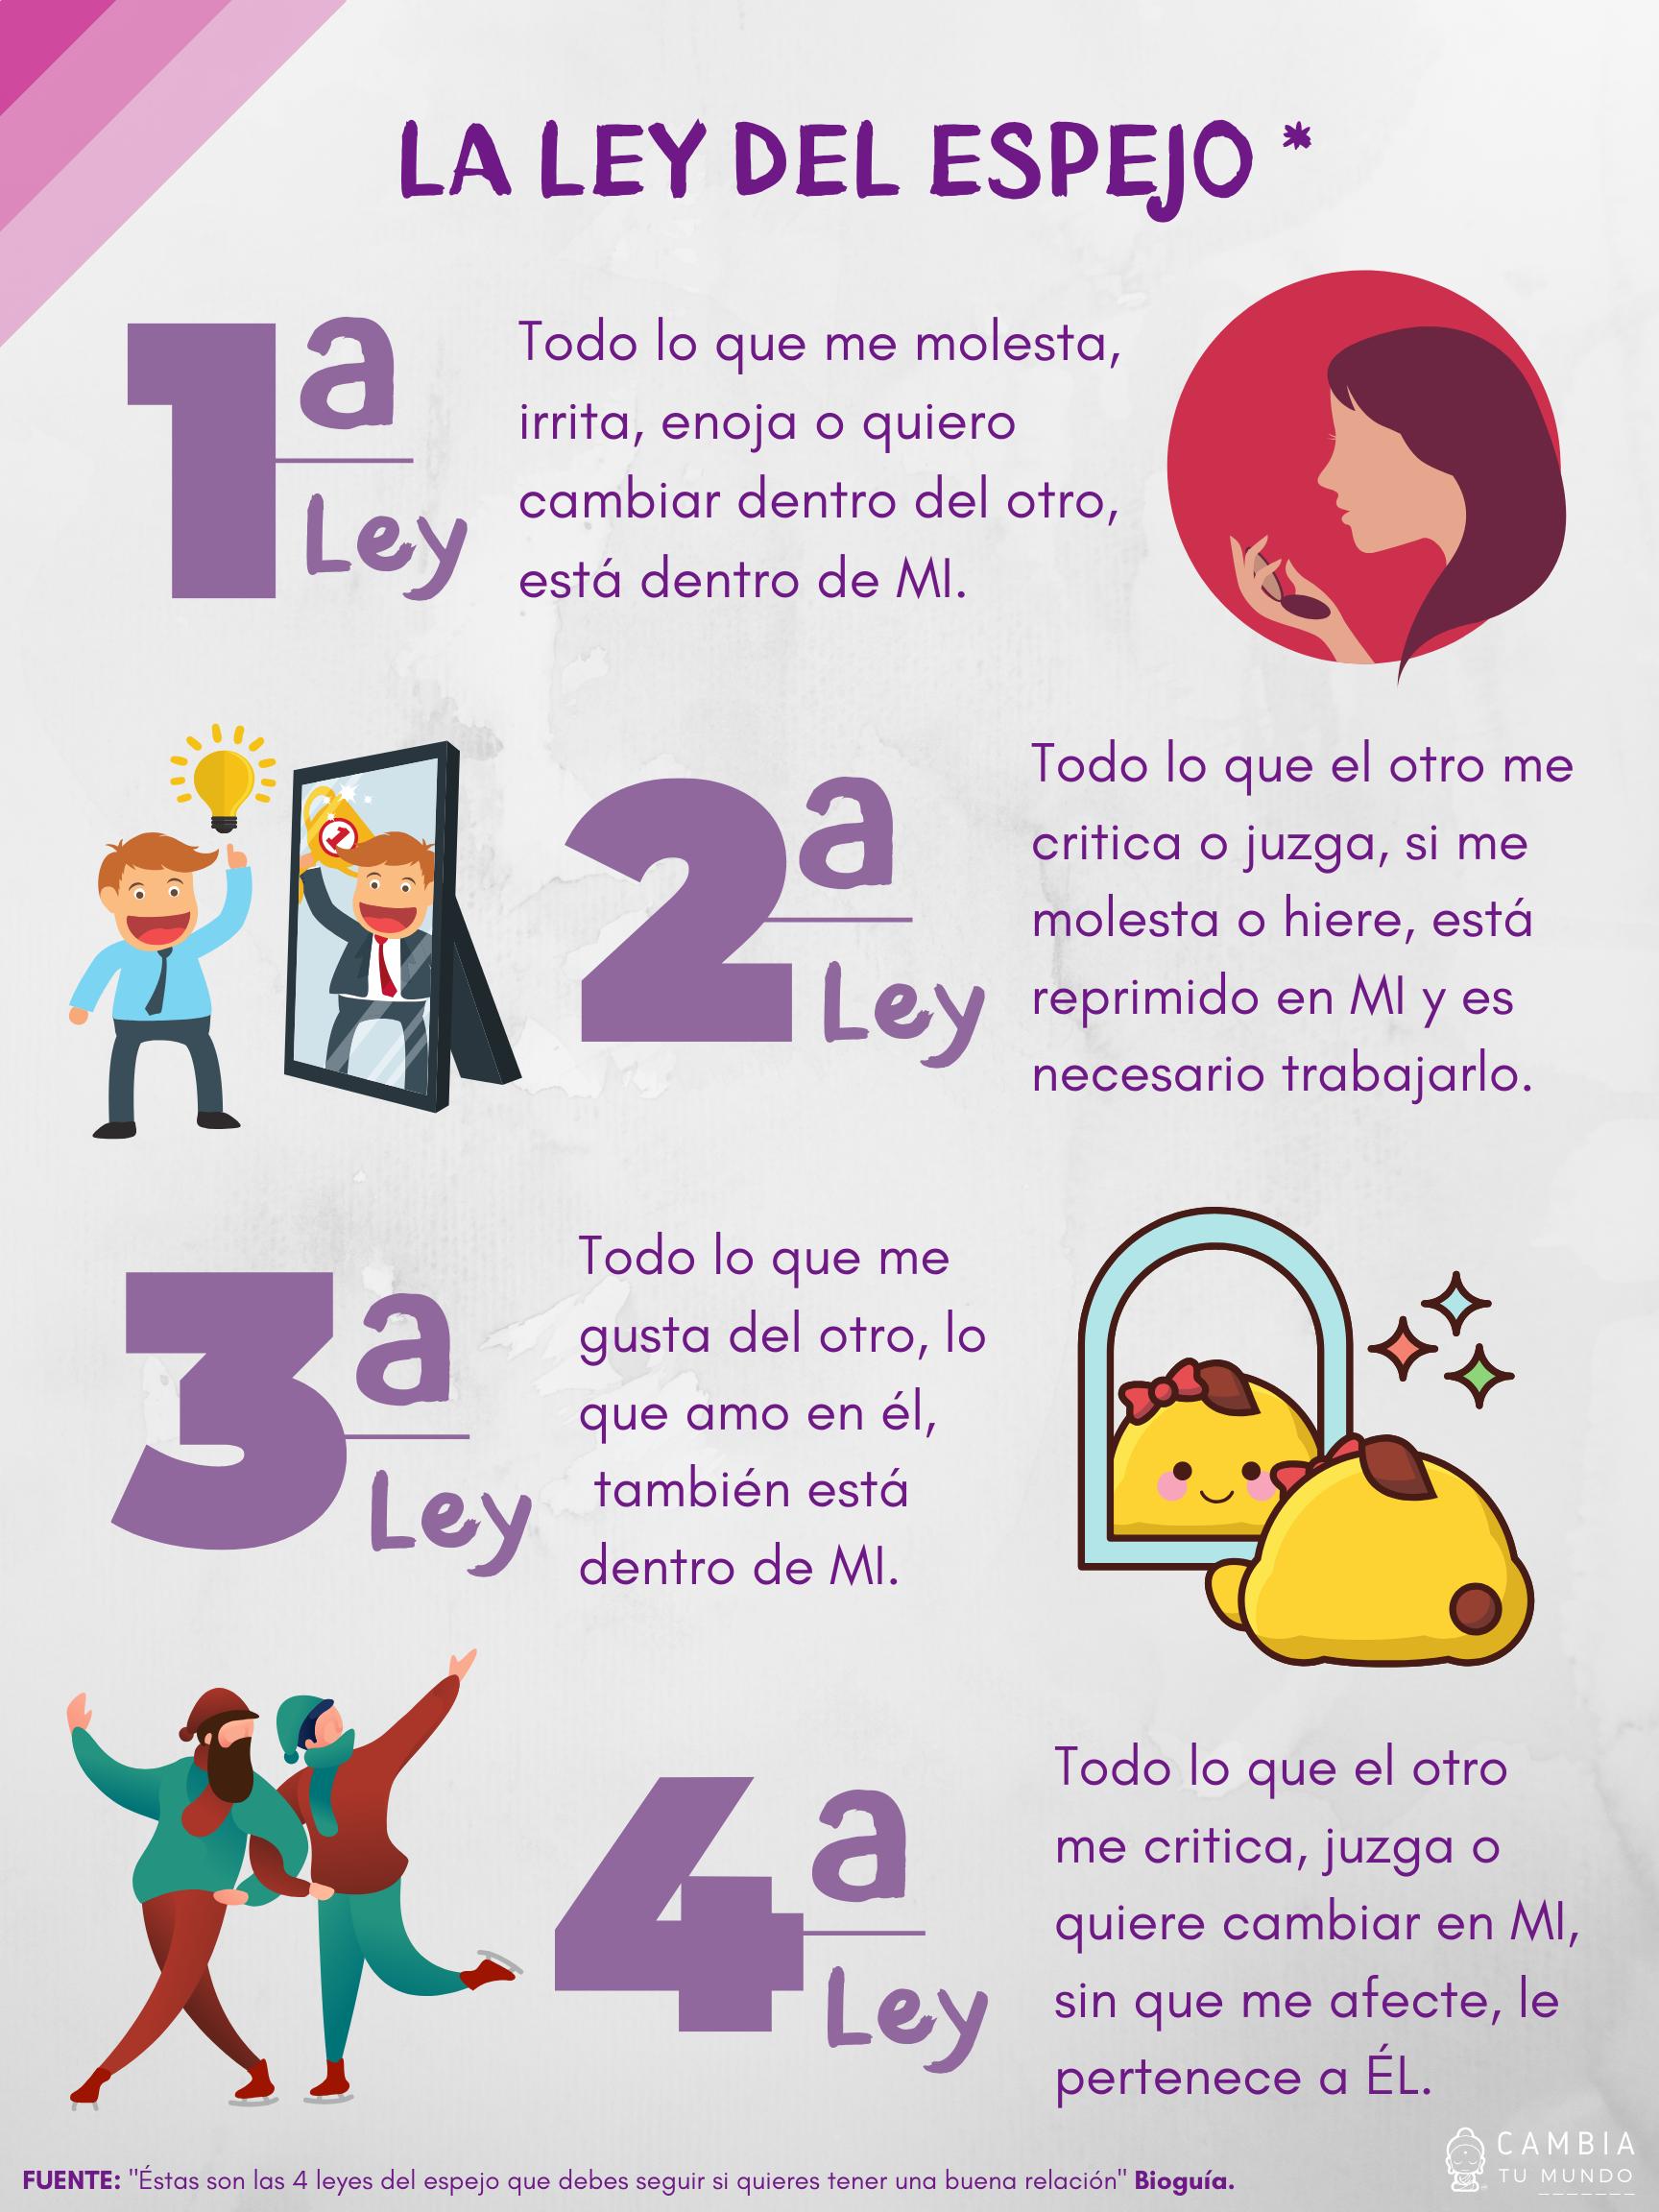 La Ley Del Espejo Citas De Salud Mental Del Espejo Ley In 2020 Mental And Emotional Health Emotional Health Emotions